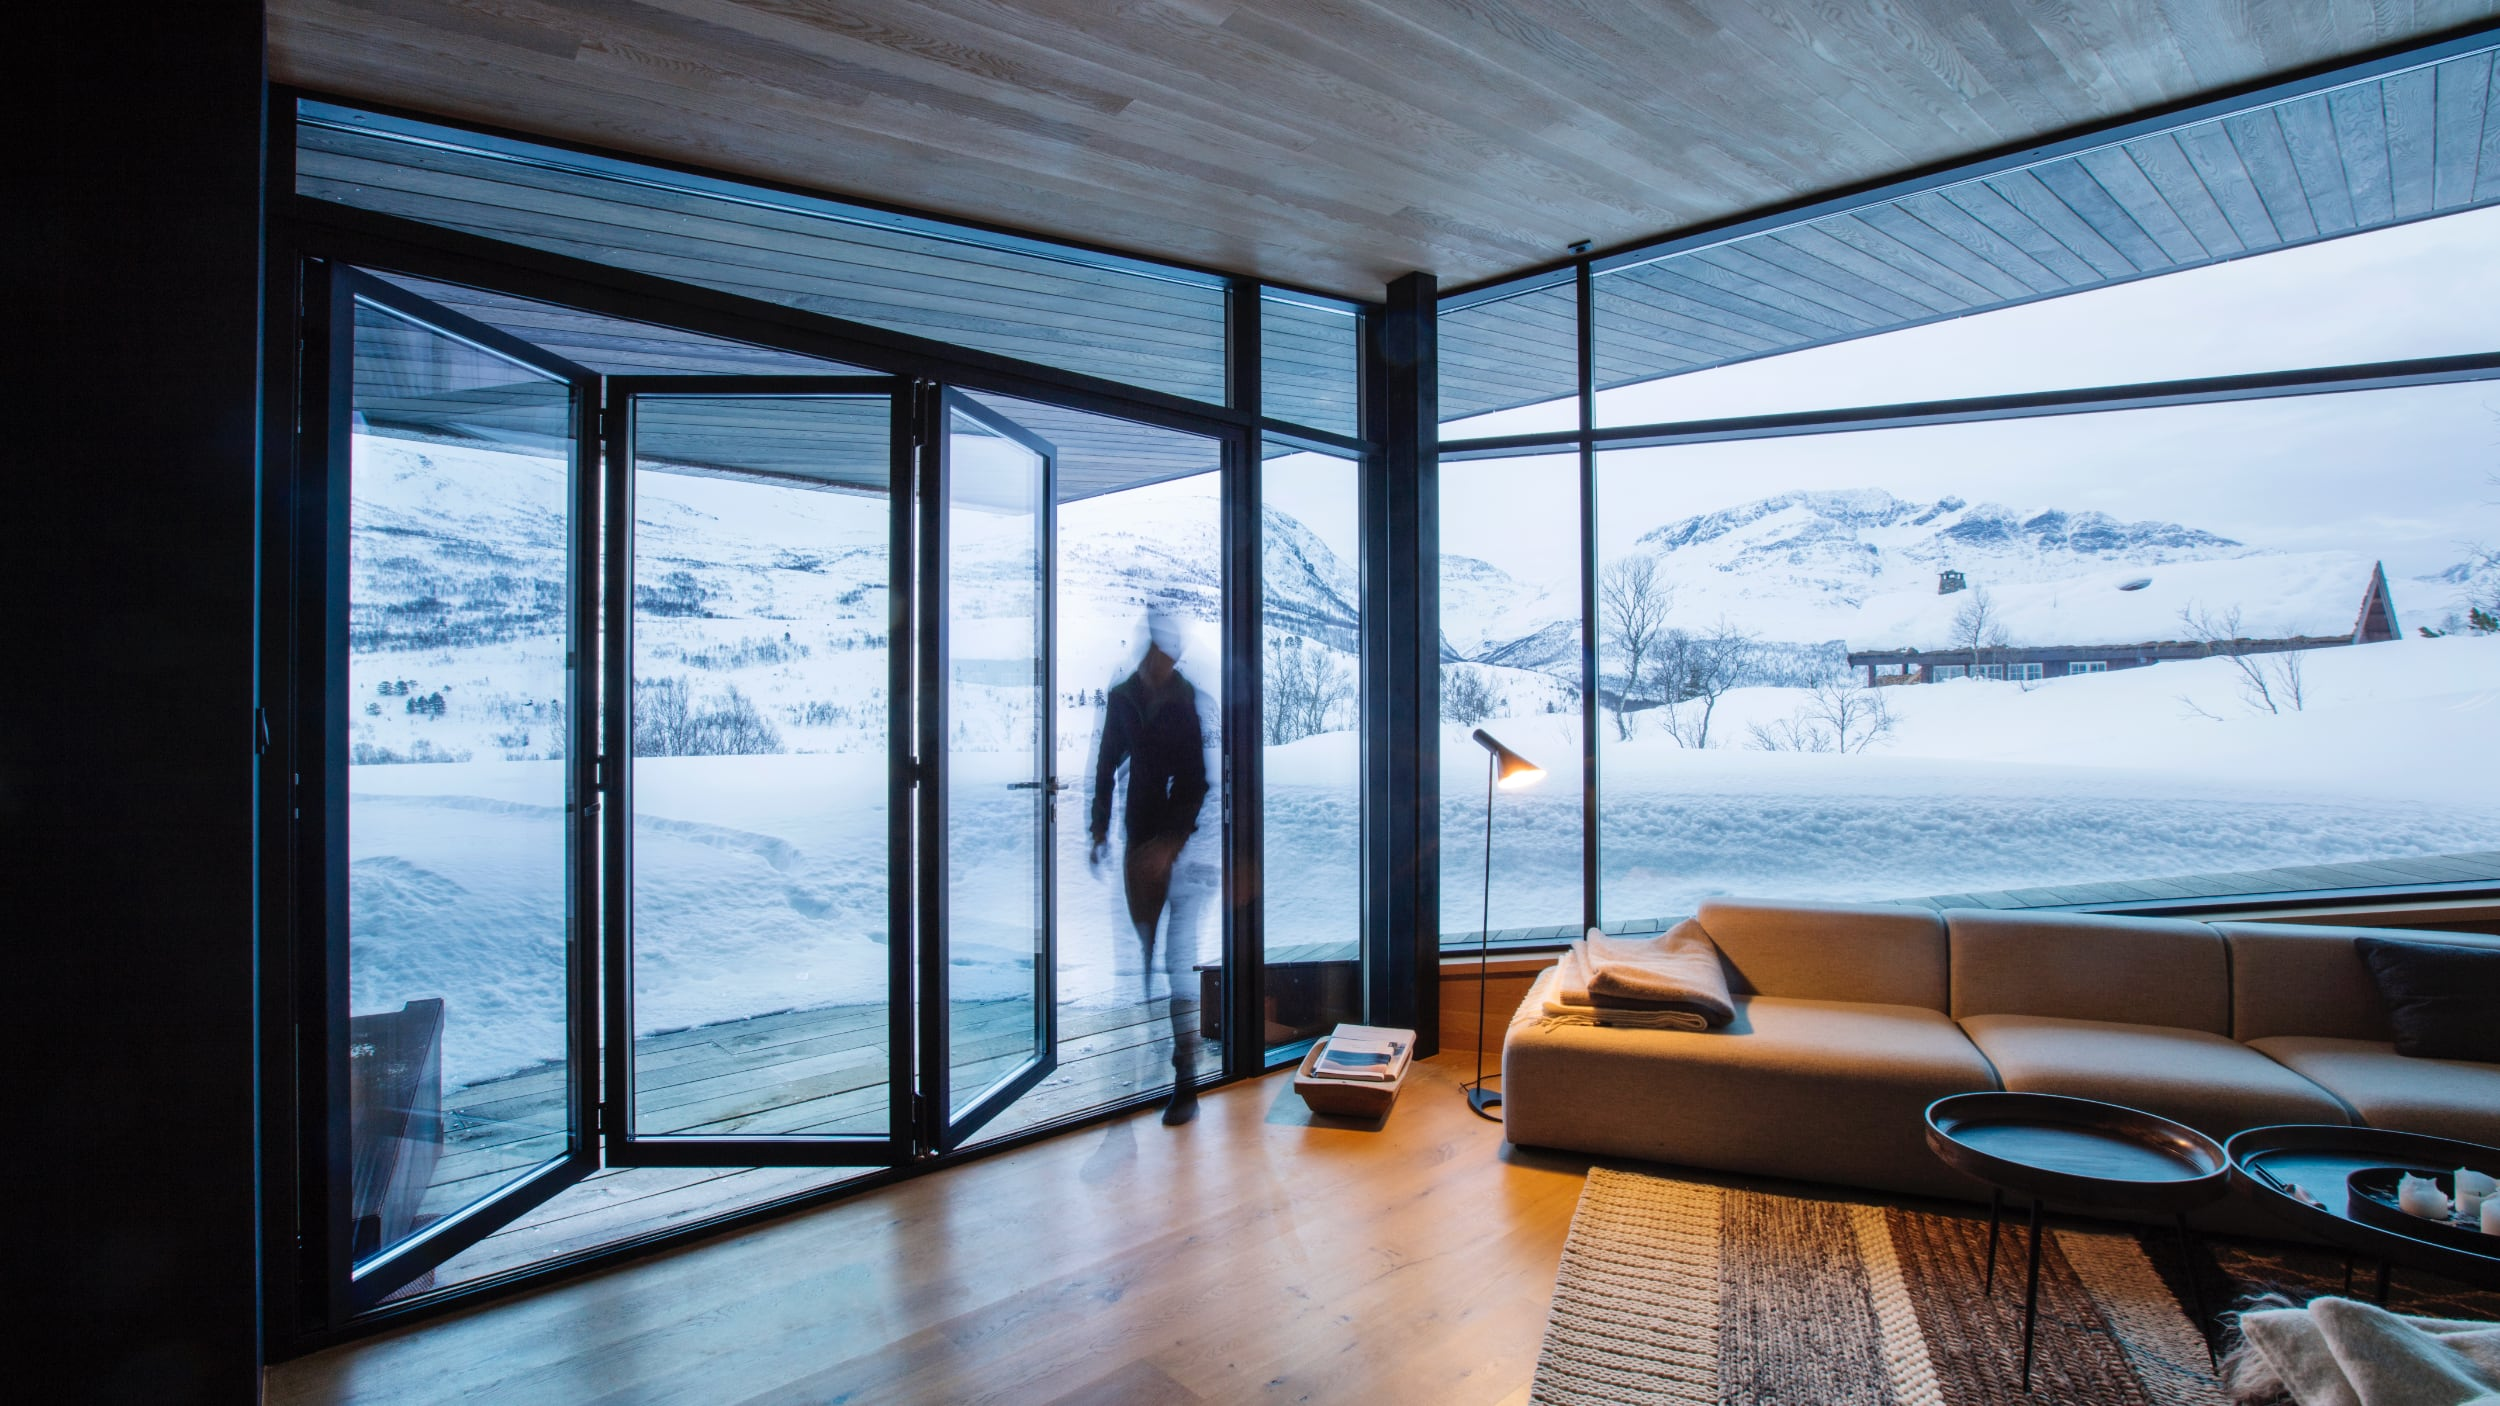 Store foldedører i glass åpner hytta opp til snødekkede fjell